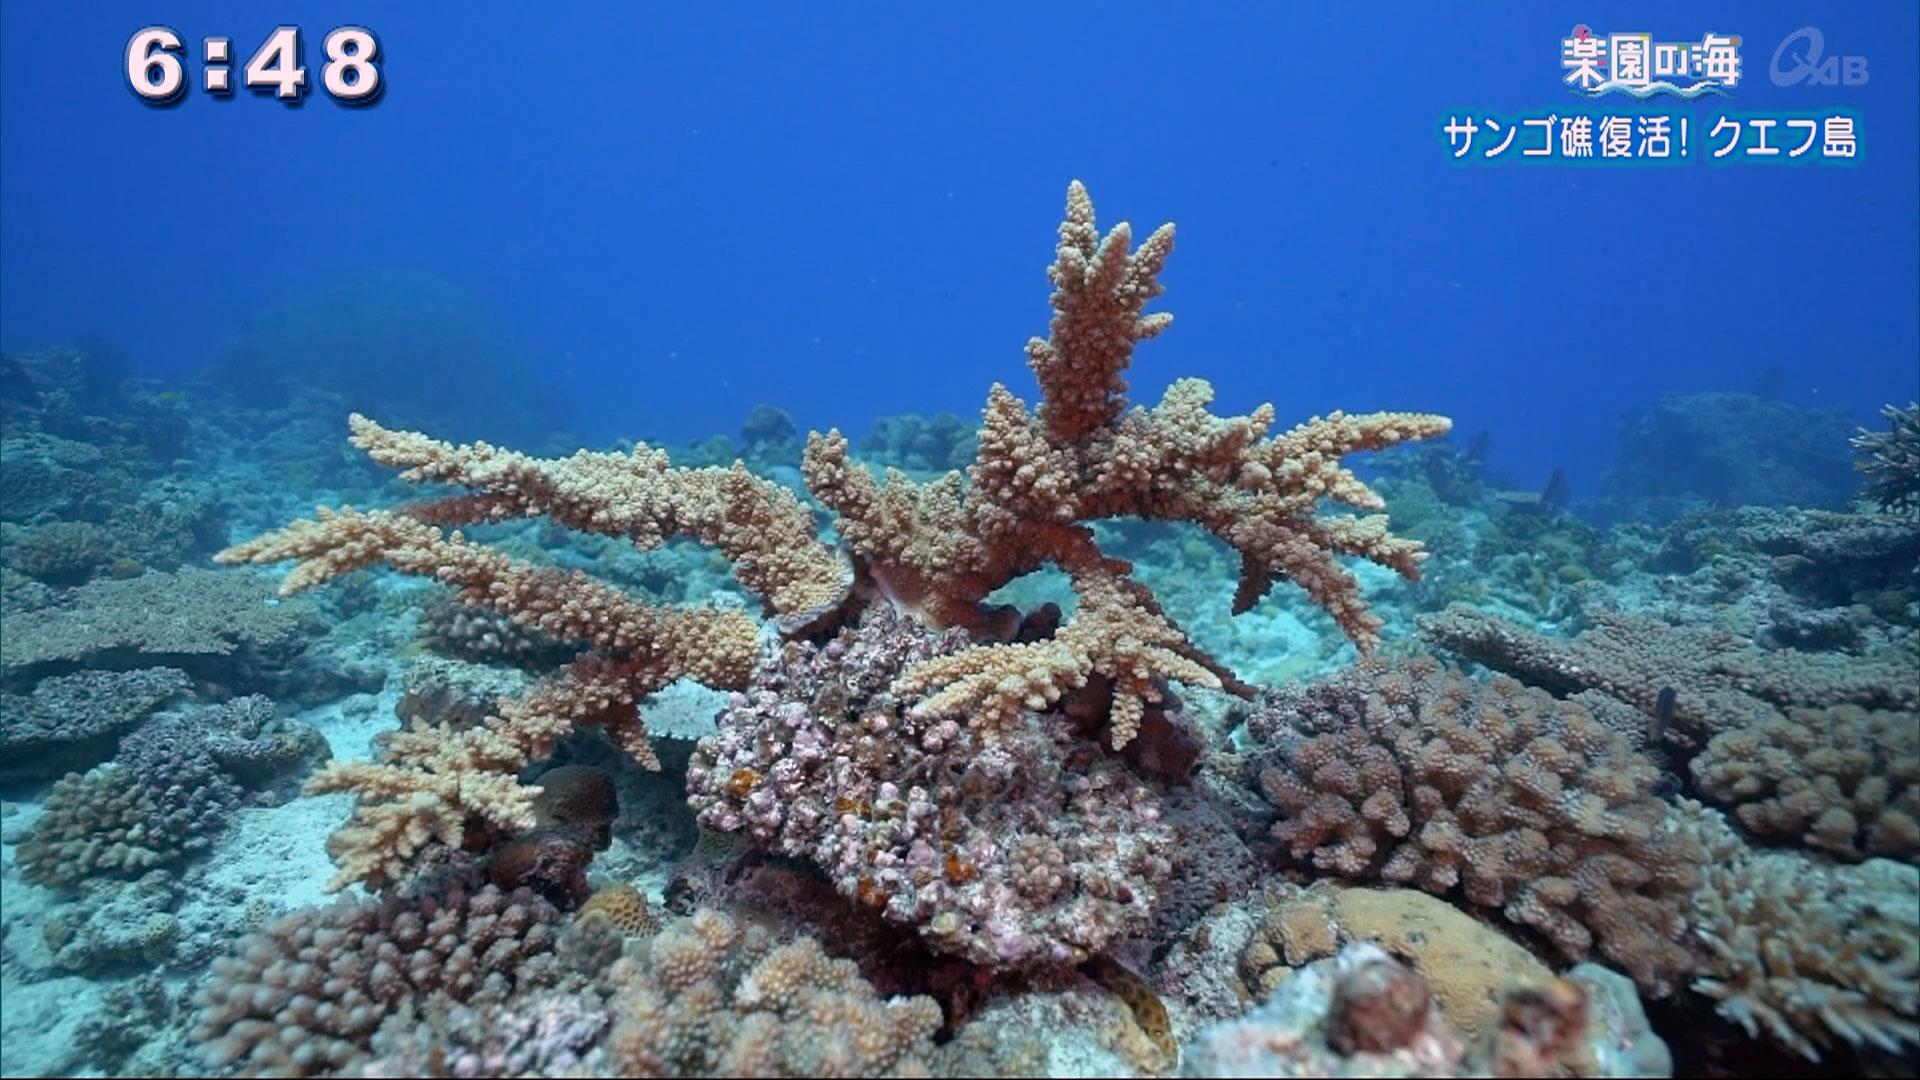 楽園の海 サンゴ礁復活!クエフ島